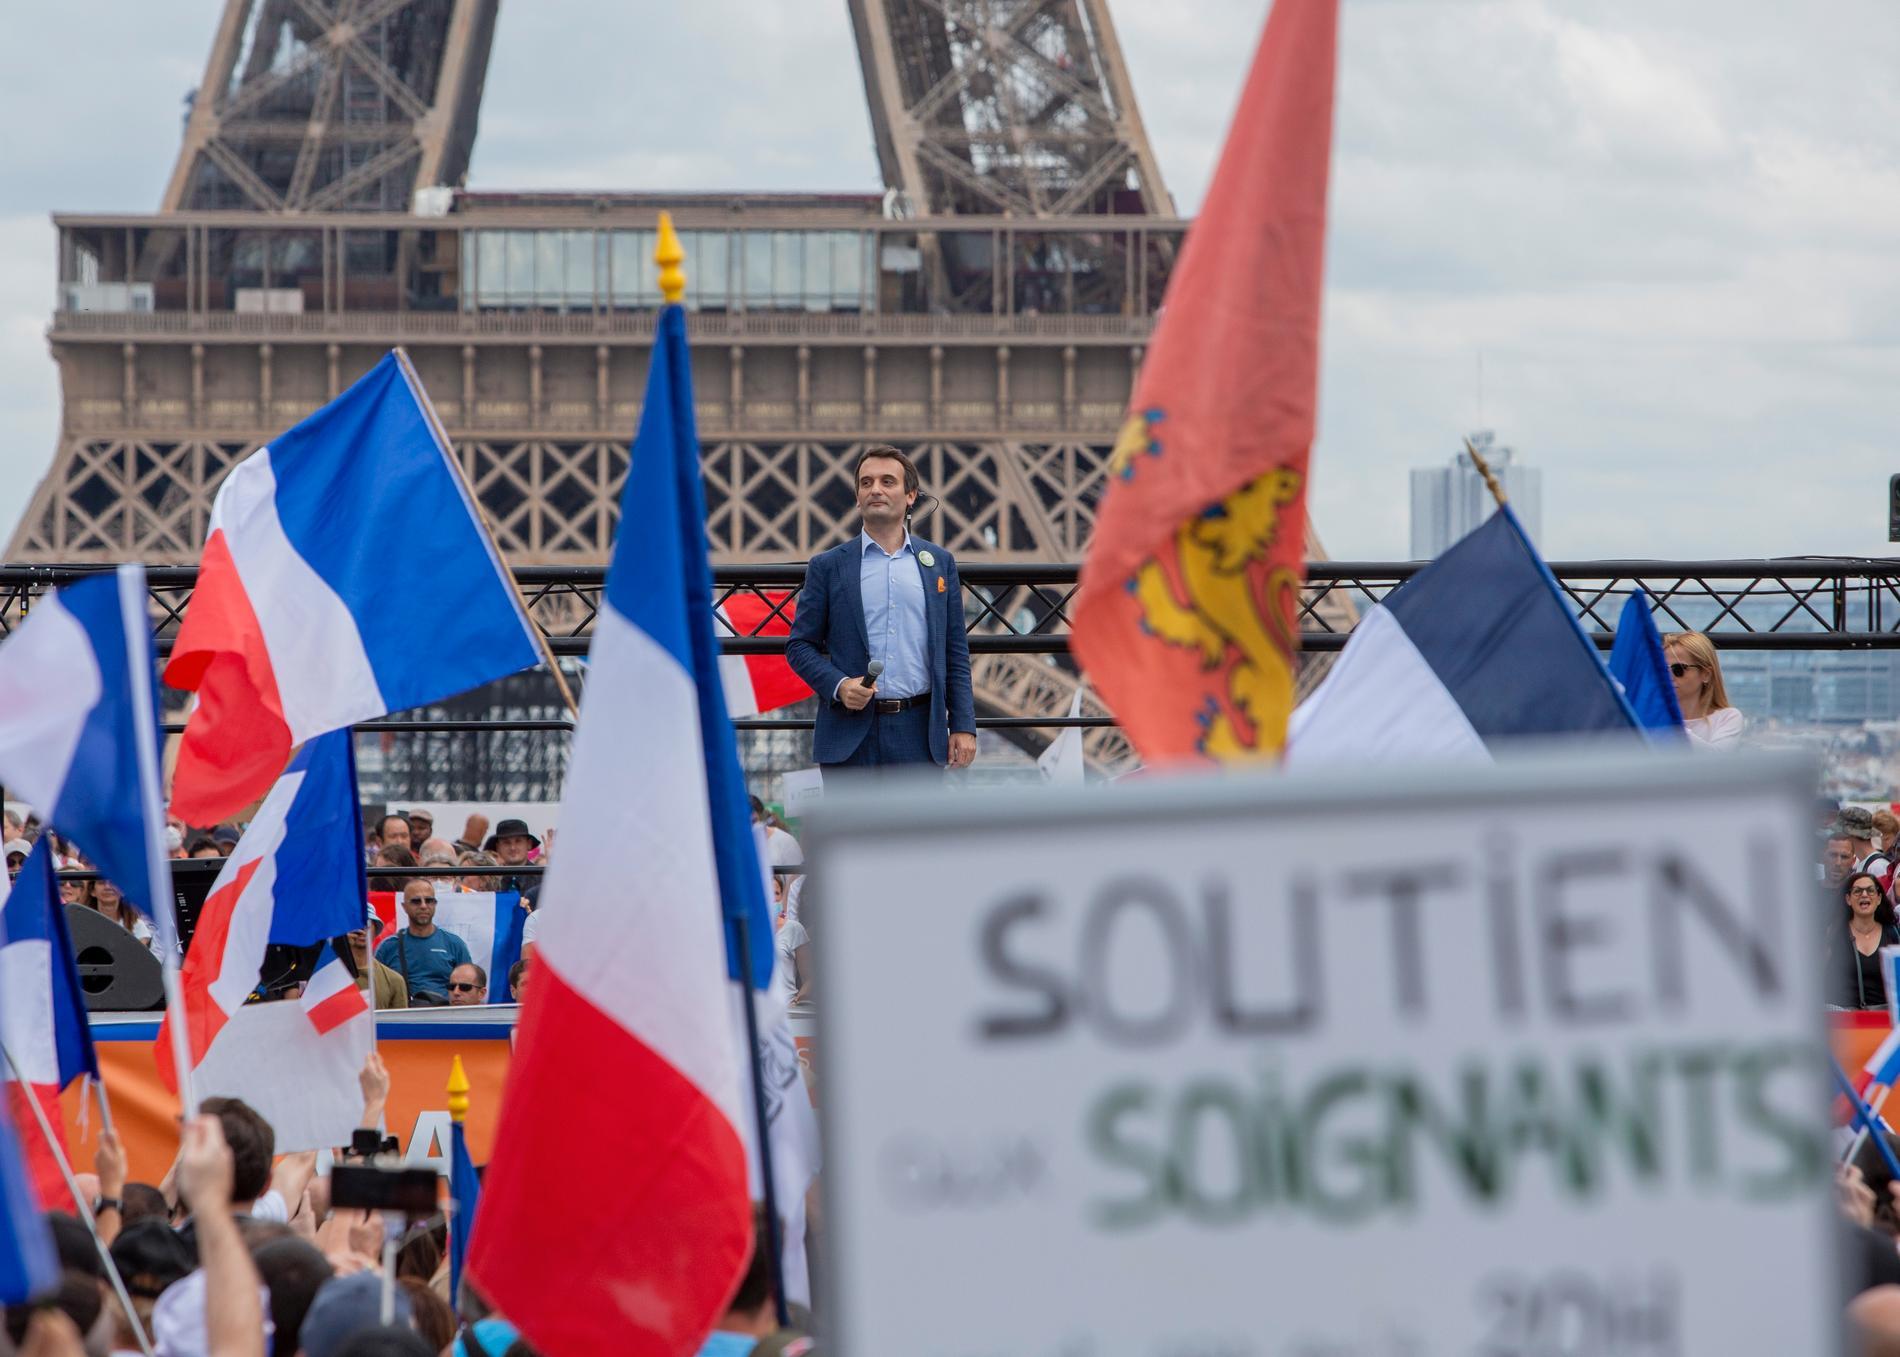 Det högernationalistiska partiet Patrioternas ledare Floriant Philippot talar inför demonstranter vid Place Trocadero i Paris.